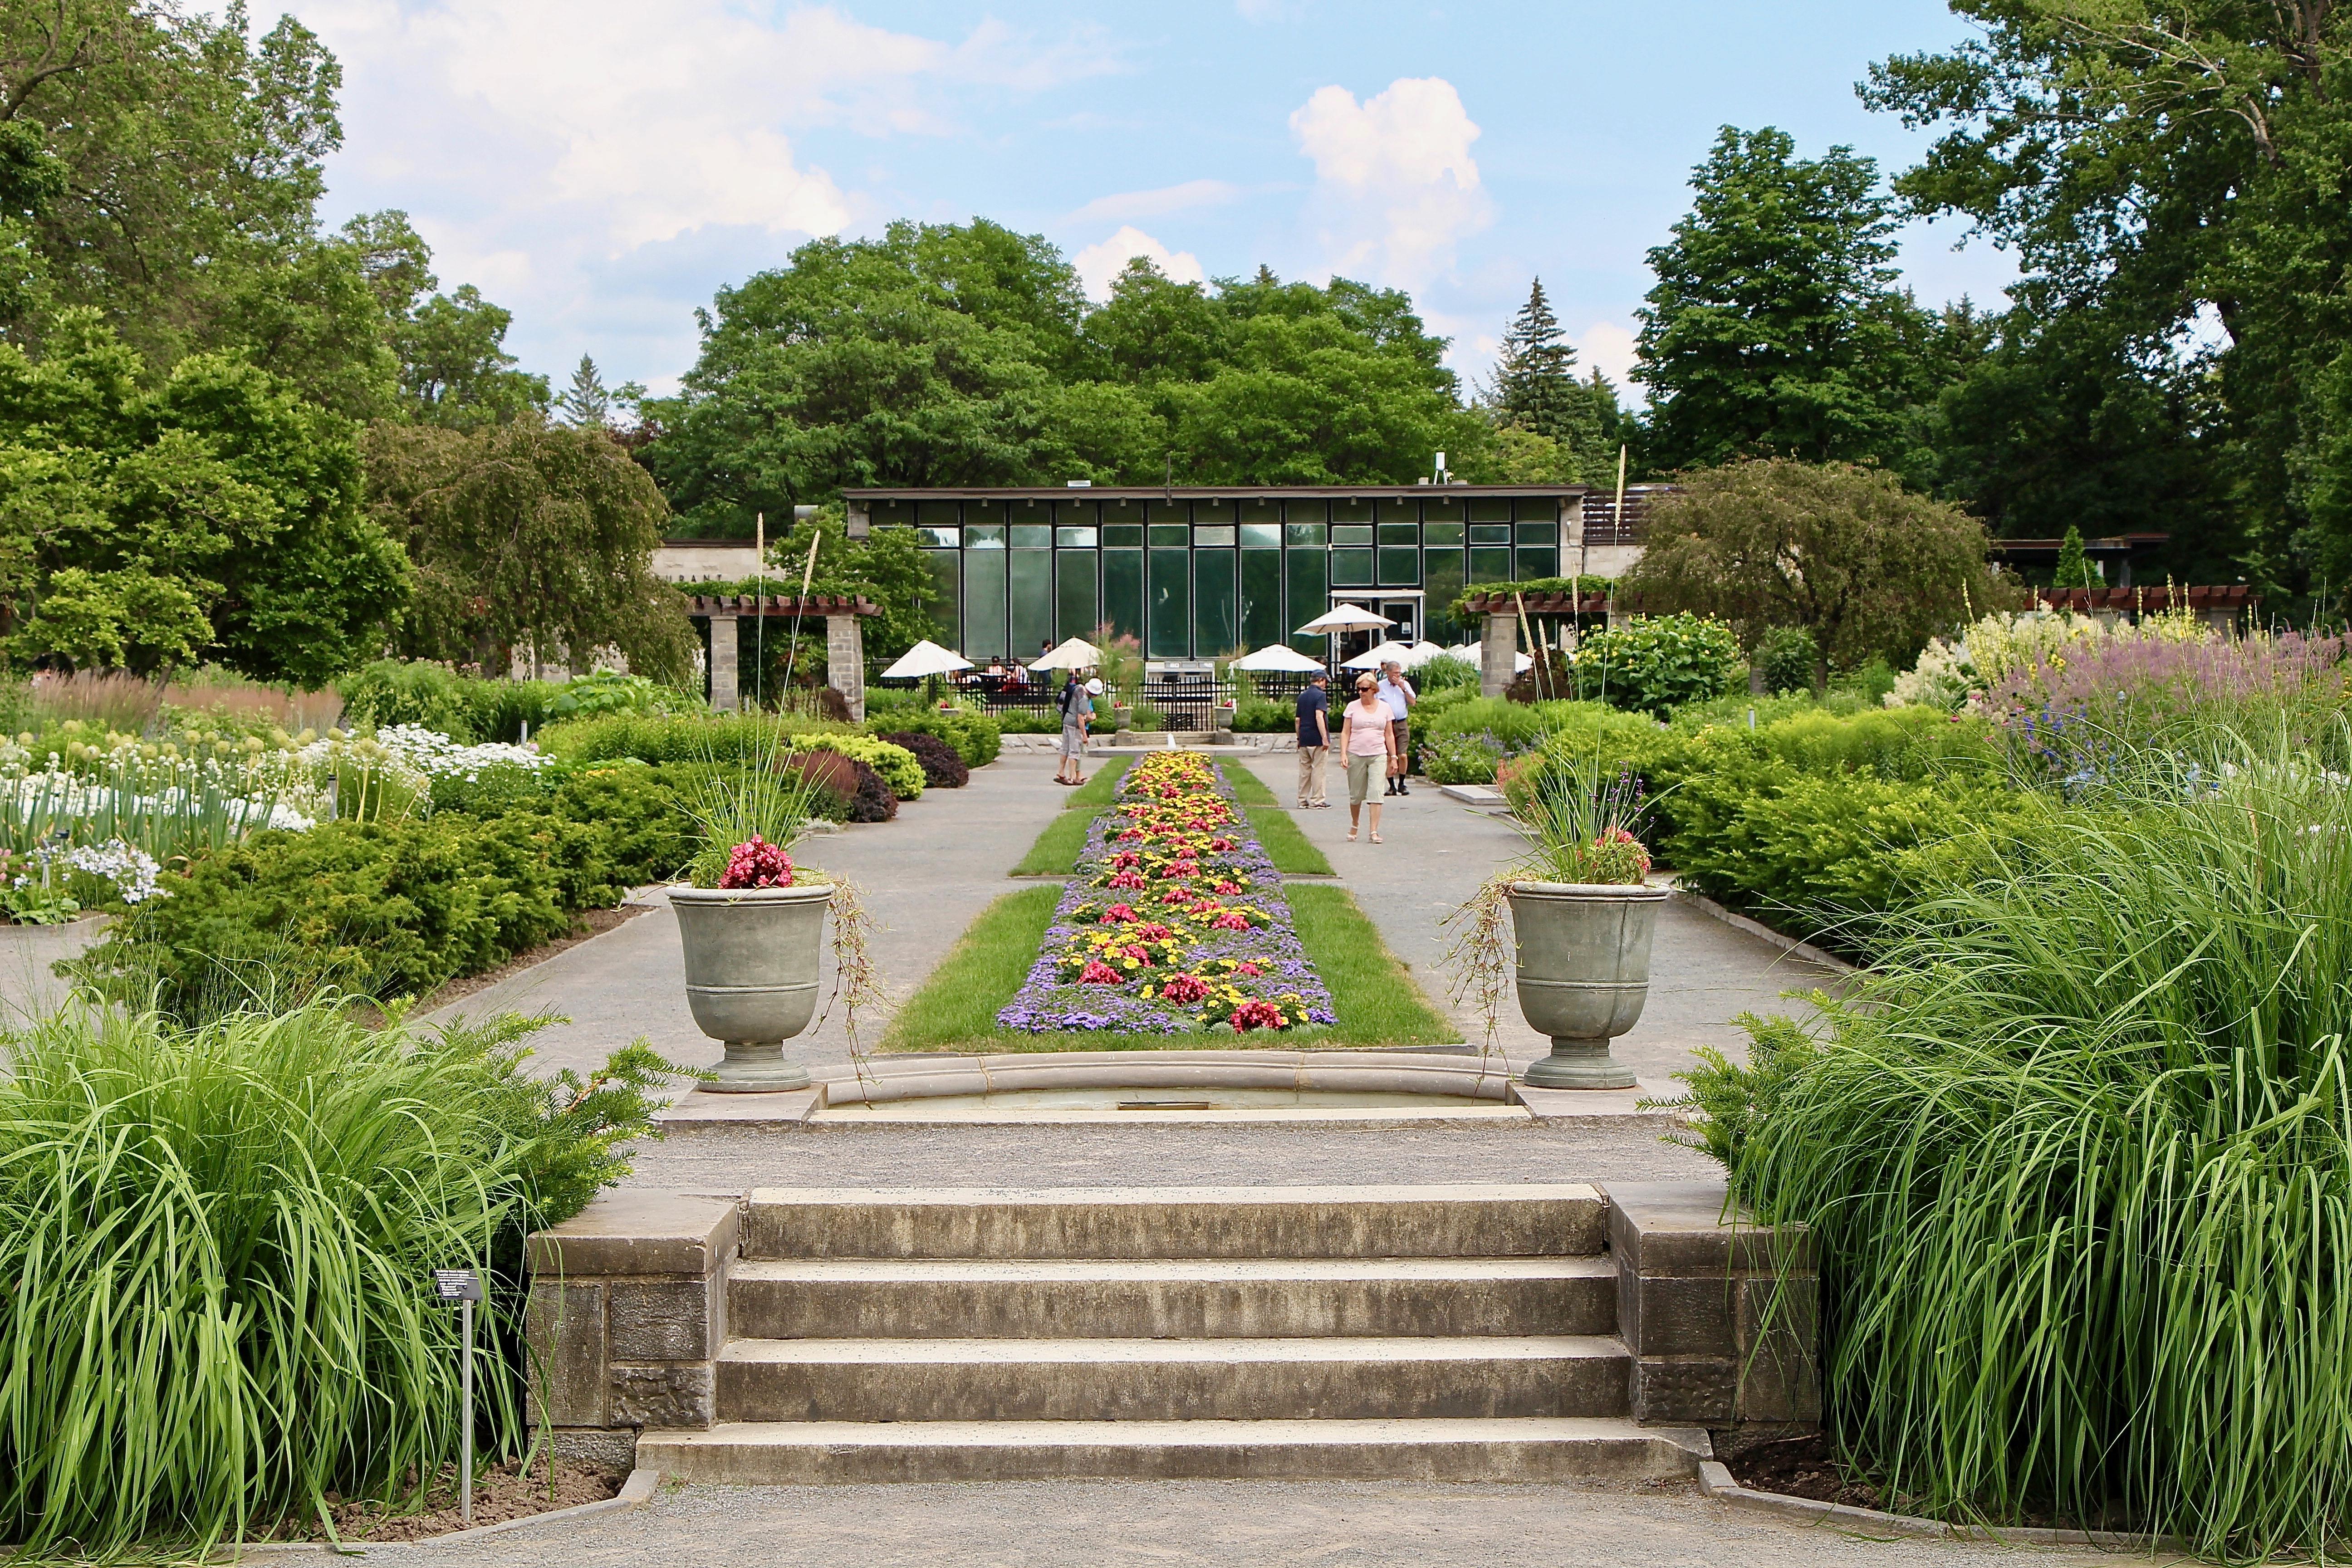 File:Perennial Garden, Montreal Botanical Garden 51